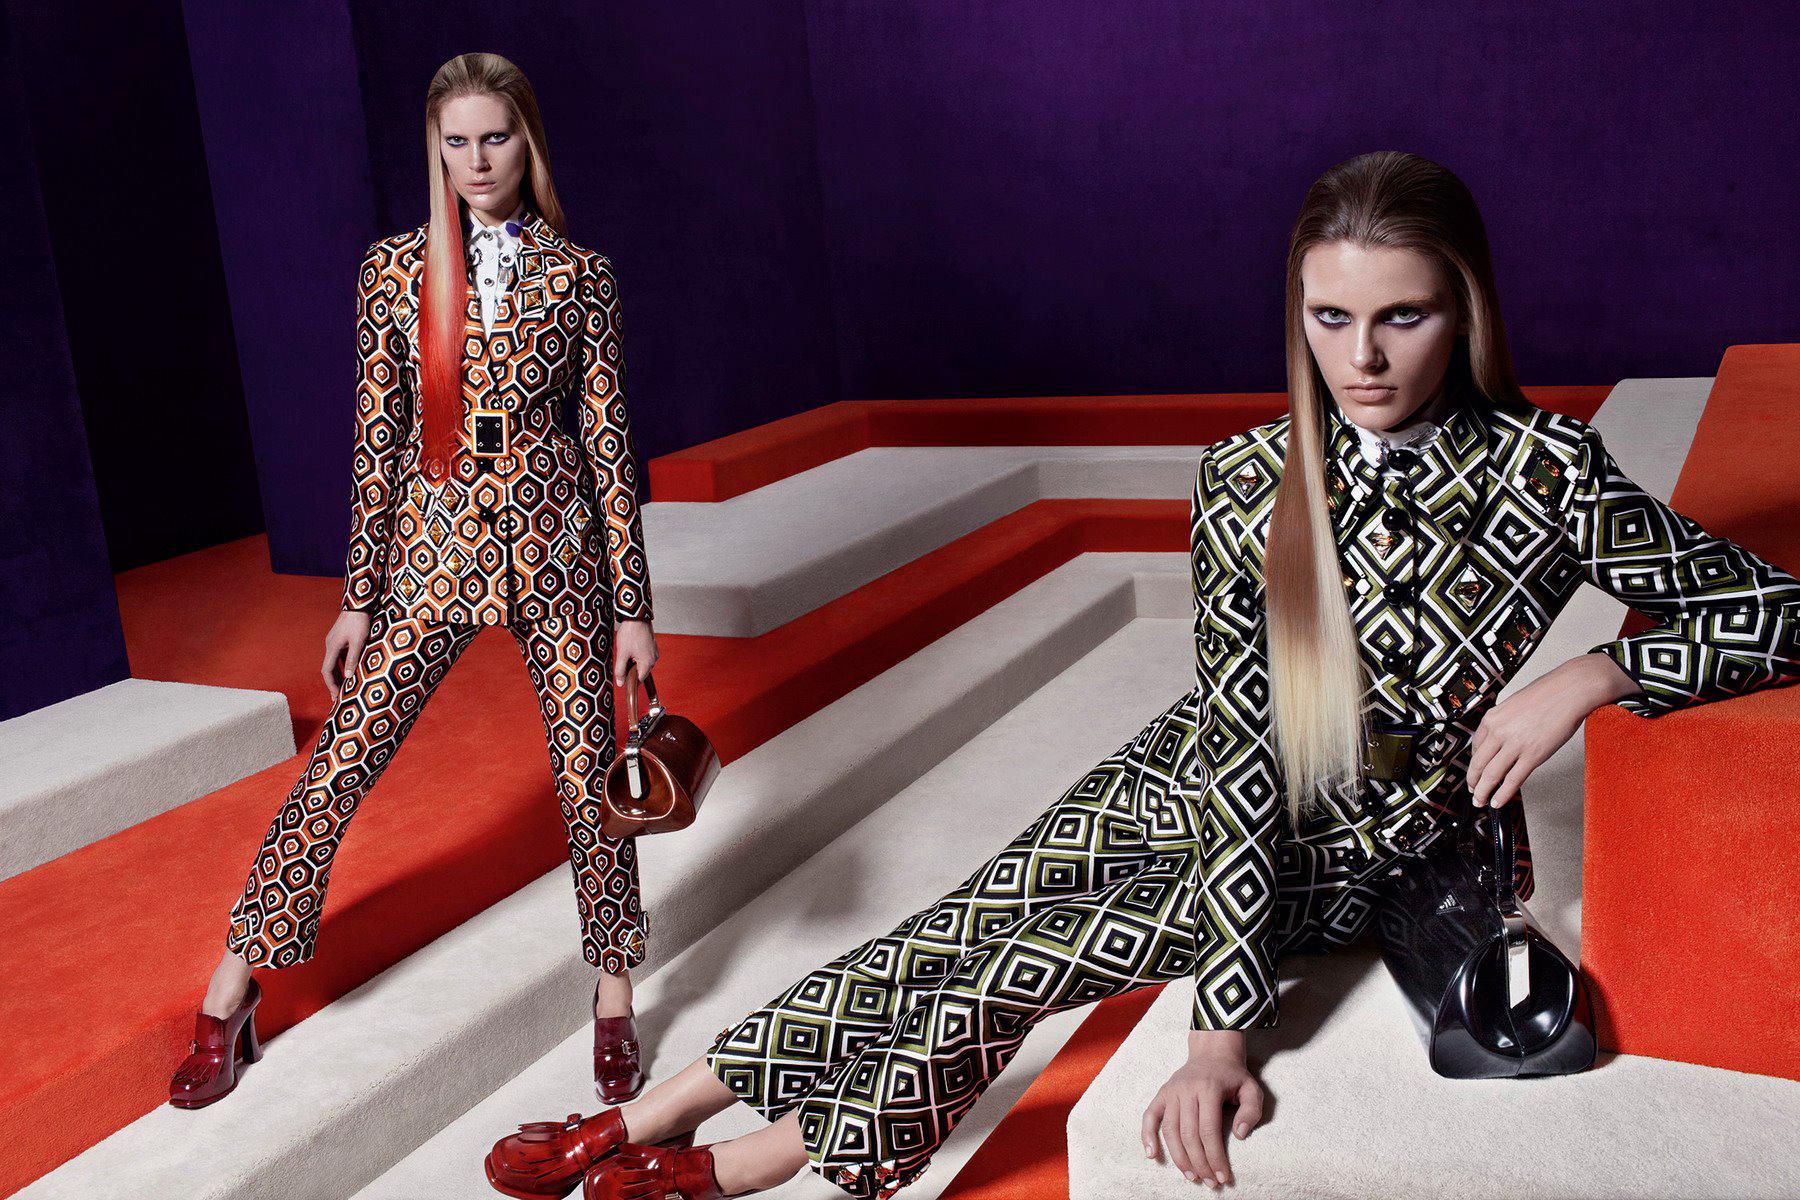 Prada Fall Winter 2012  Luxury Fashion Top 10 Luxury Fashion Campaigns of 2012 pradafall12